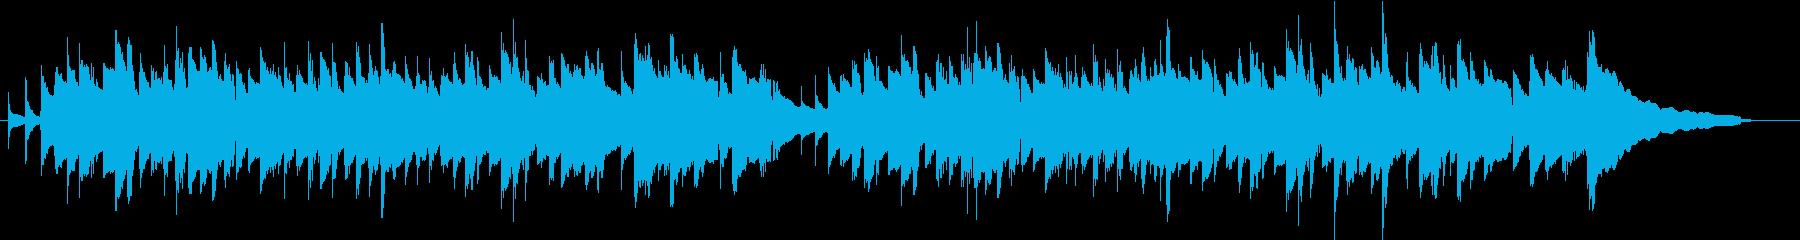 癒しのメロディが特徴のギターソロ曲の再生済みの波形